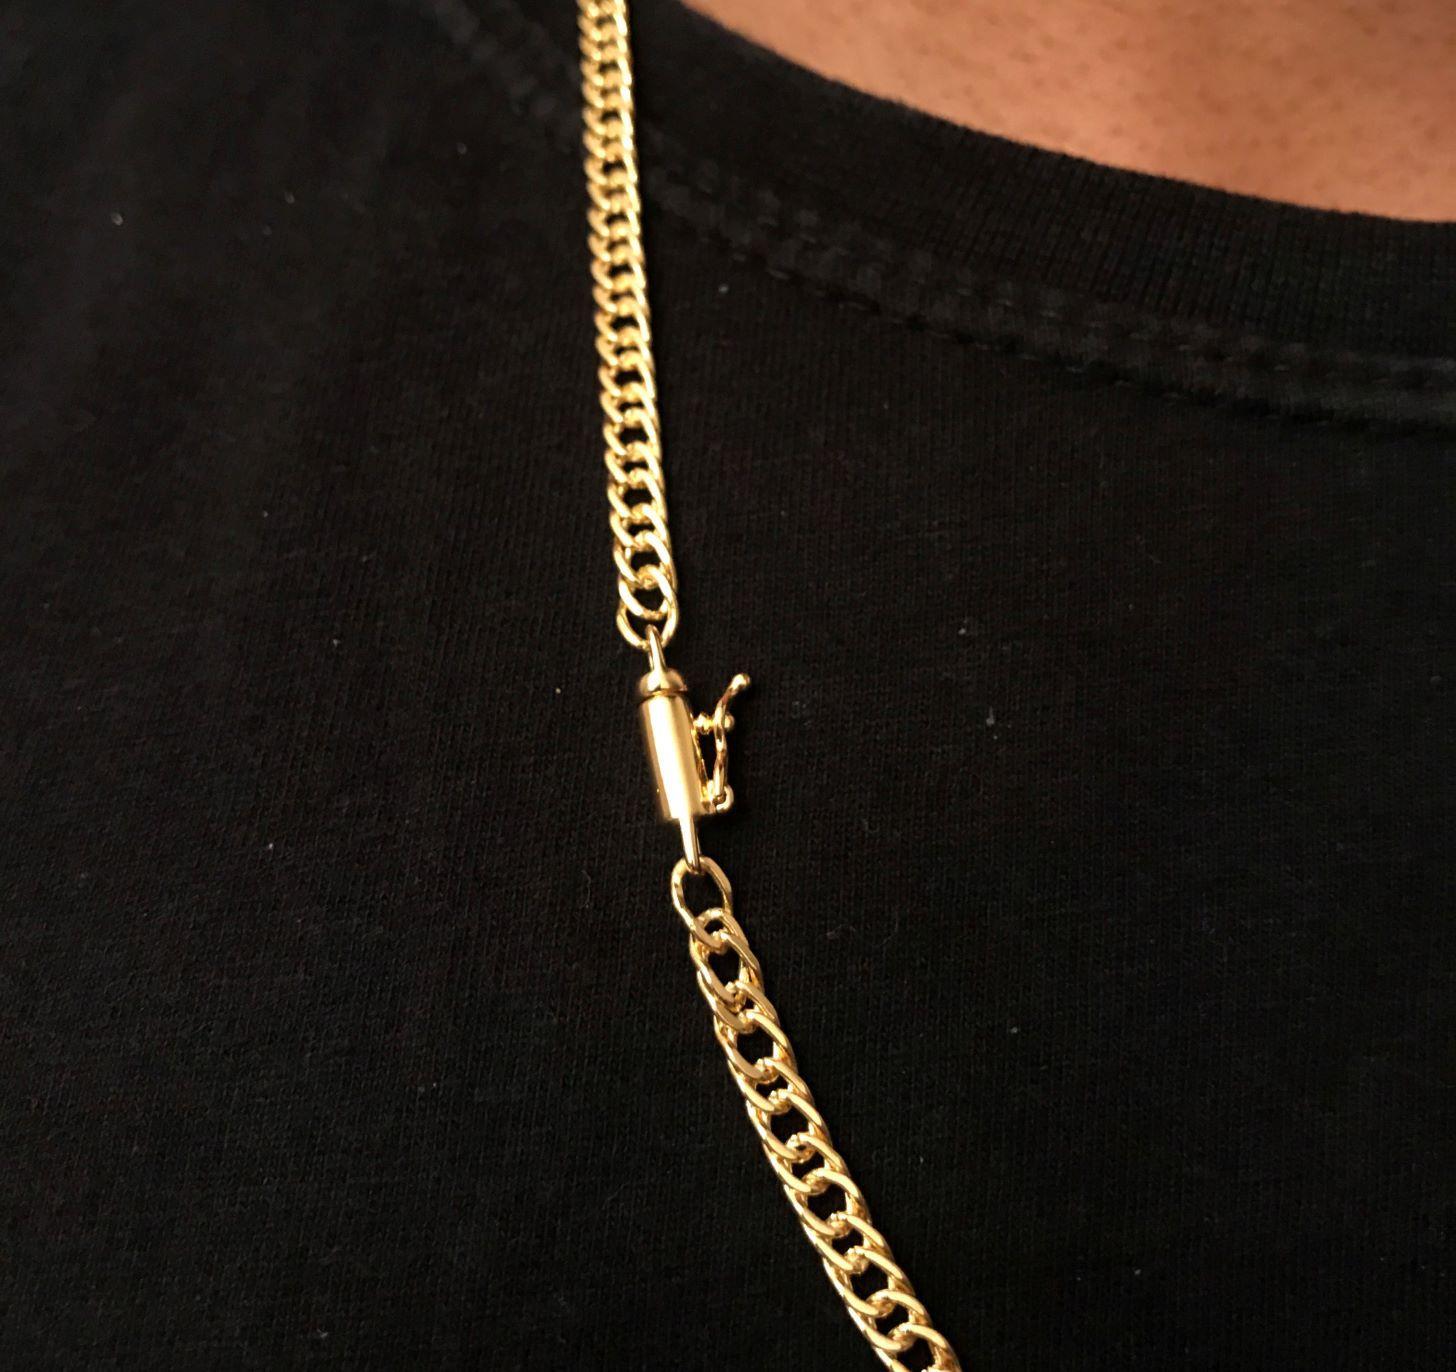 Corrente Double Grumet Diamantada 4mm 70cm 18g (Fecho Canhão) (Banho Ouro 24k)